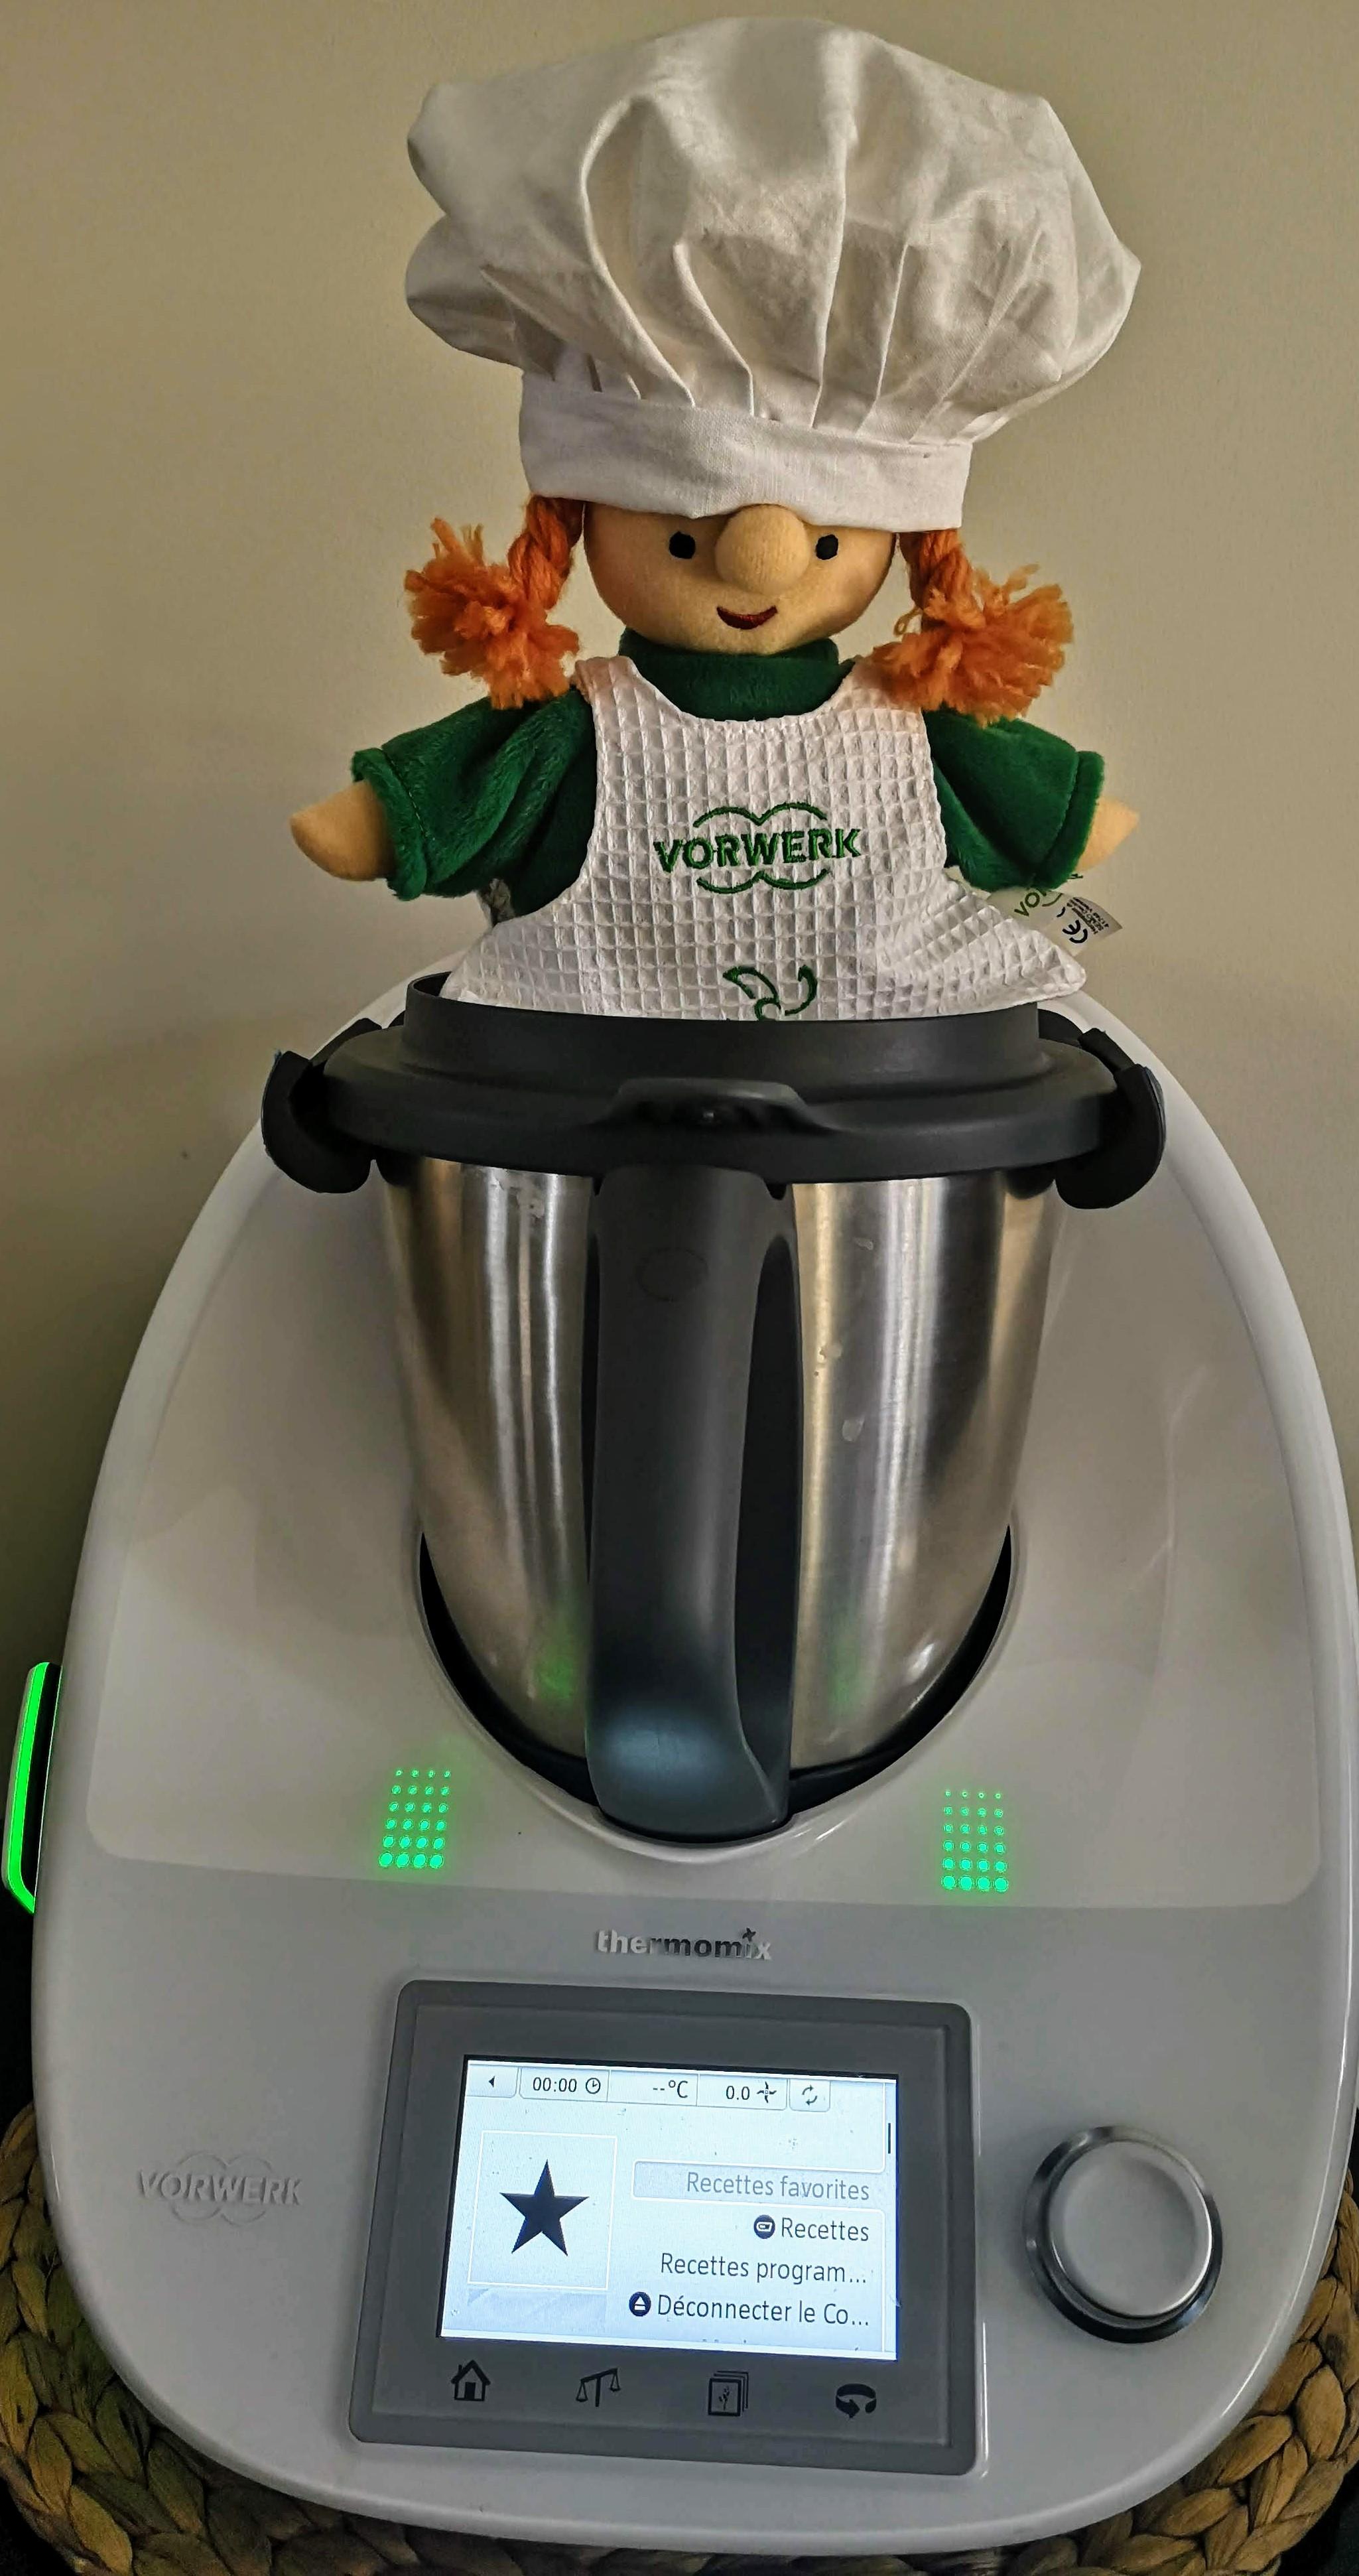 Le robot de cuisine Thermomix